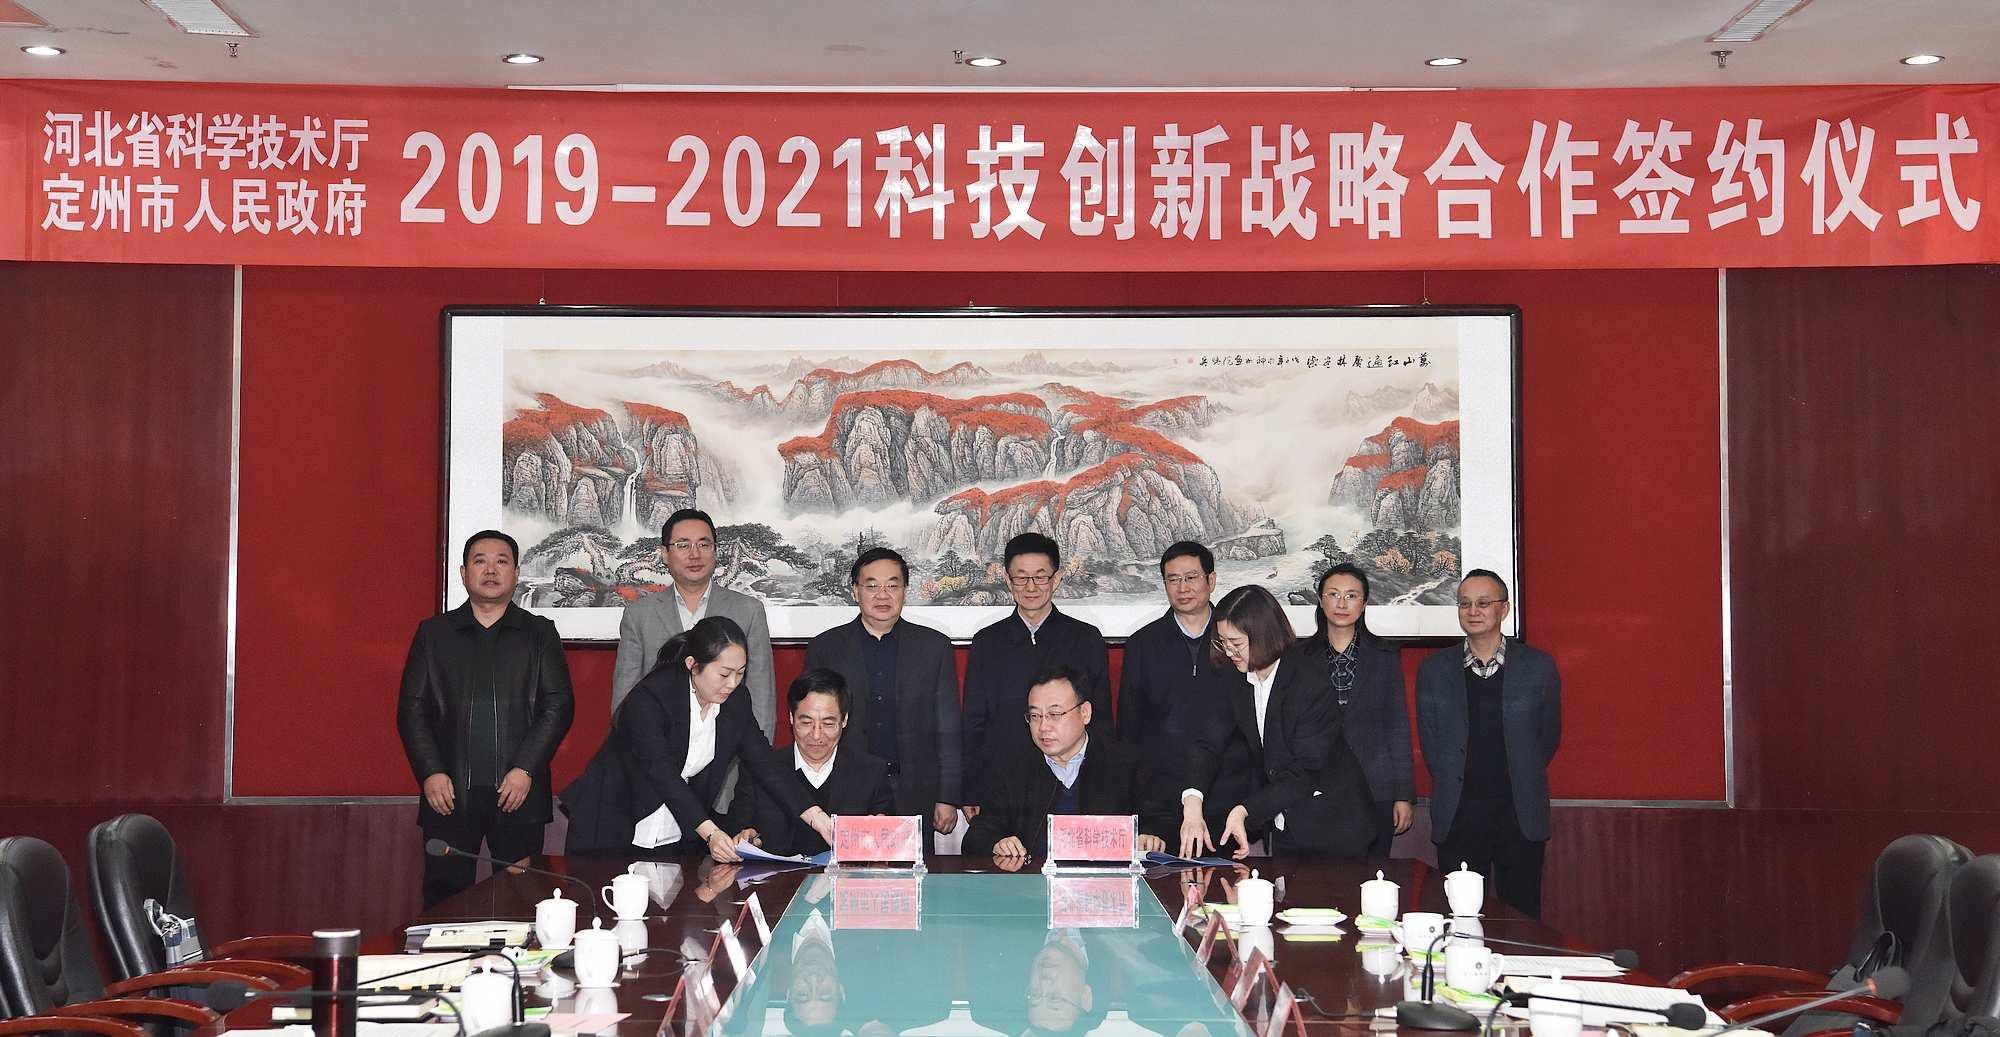 省科技厅与市政府签署科技创新战略合作协议